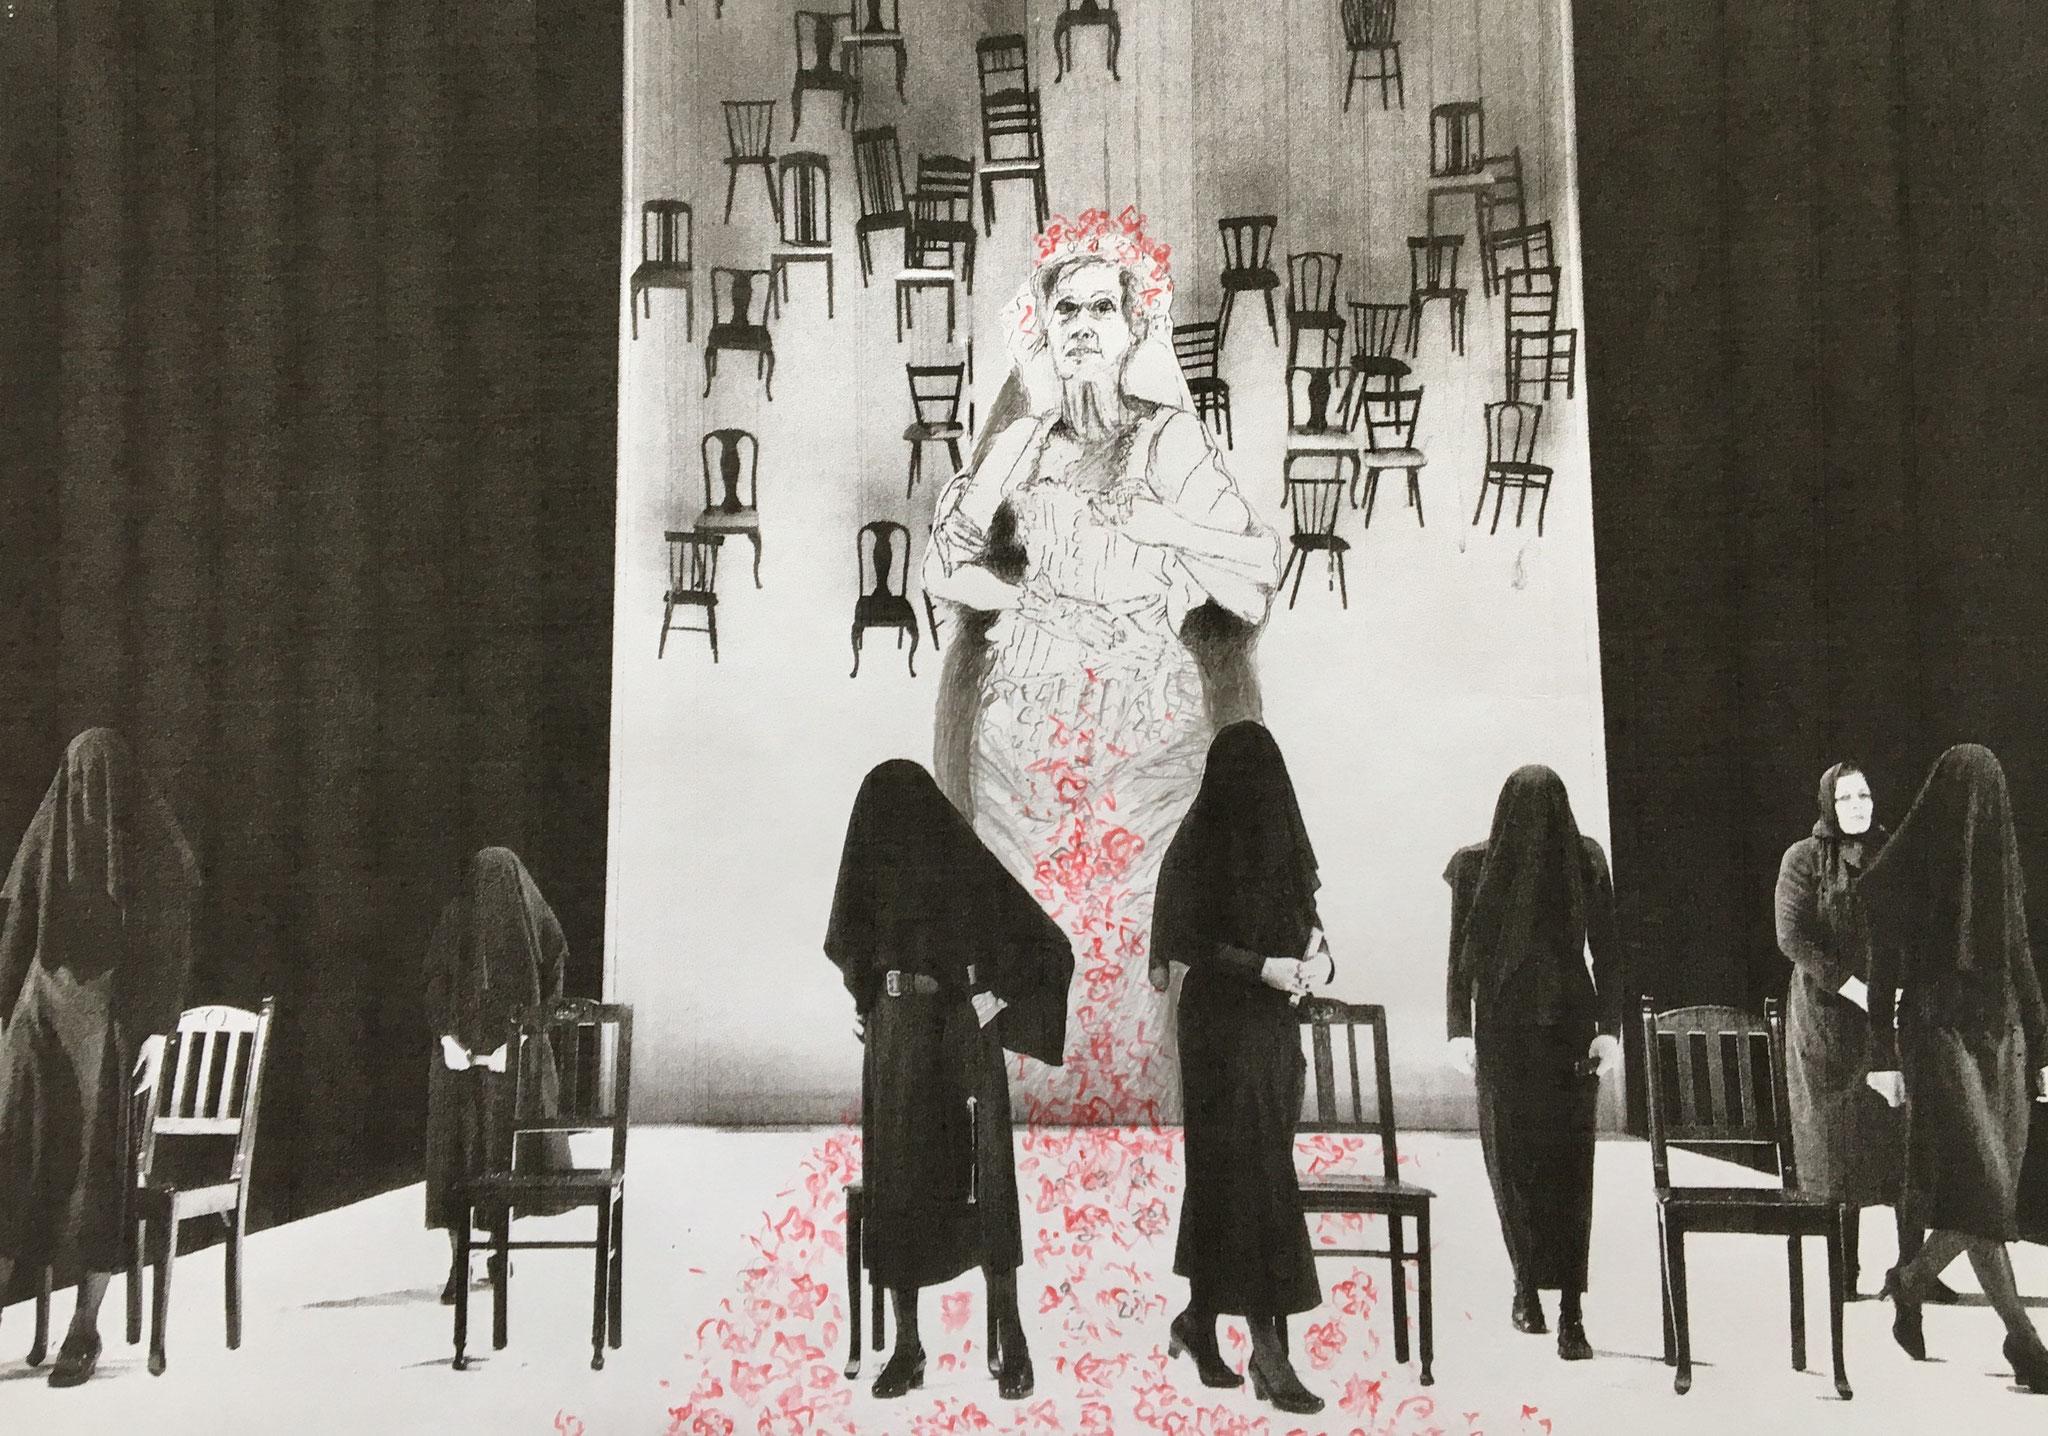 """Elke-Maria Josefa unverschleiert zwischen allen Stühlen (Elke Twiesselmann als Maria Josefa in """"Bernarda Albas Haus"""" von Federico García Lorca), Mischtechnik, 21 x 15 cm (#1027)"""